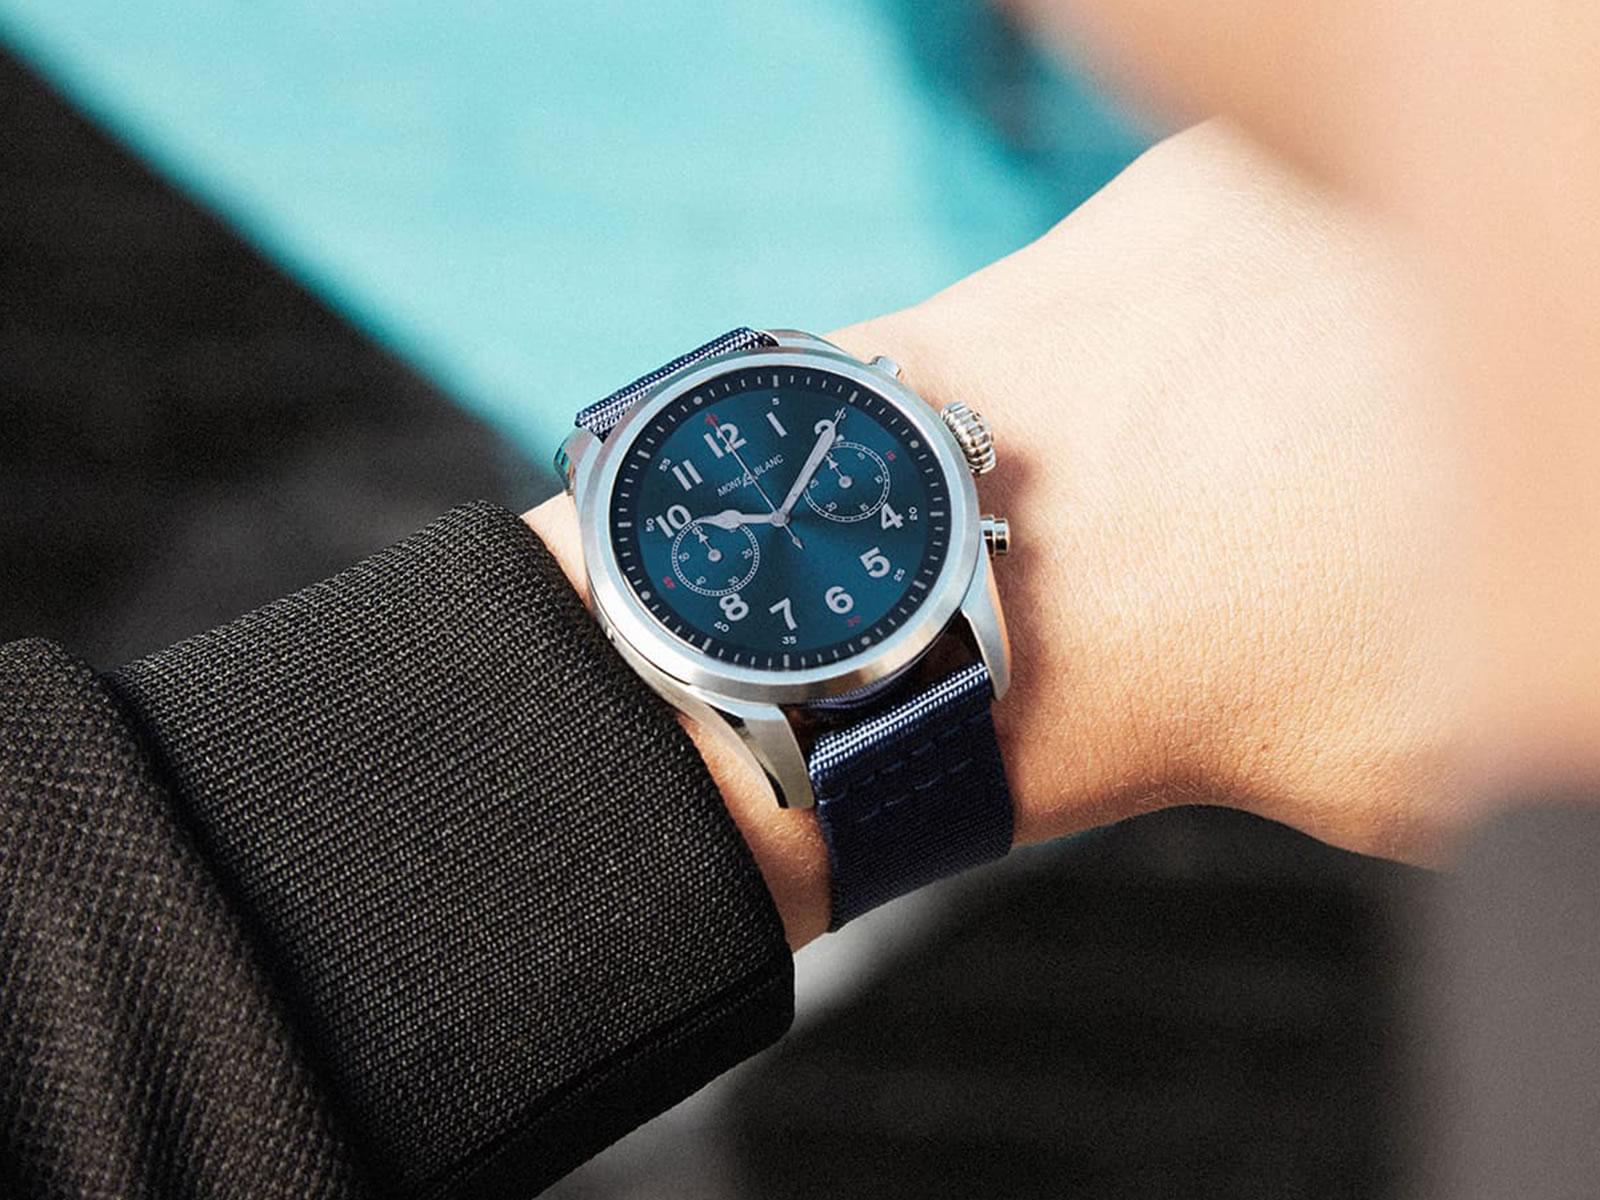 montblanc-summit-2-smartwatch-11-.jpg